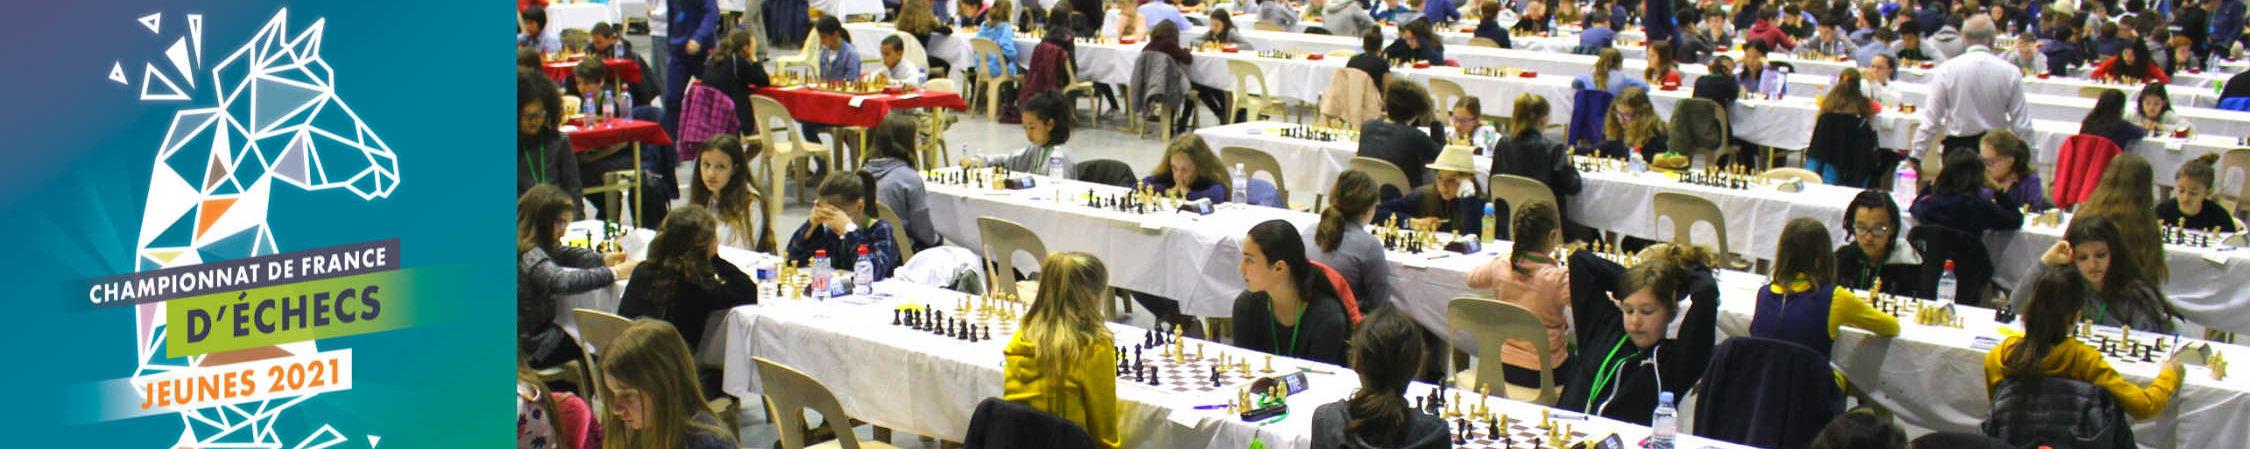 Championnat de France d'échecs des Jeunes 2021